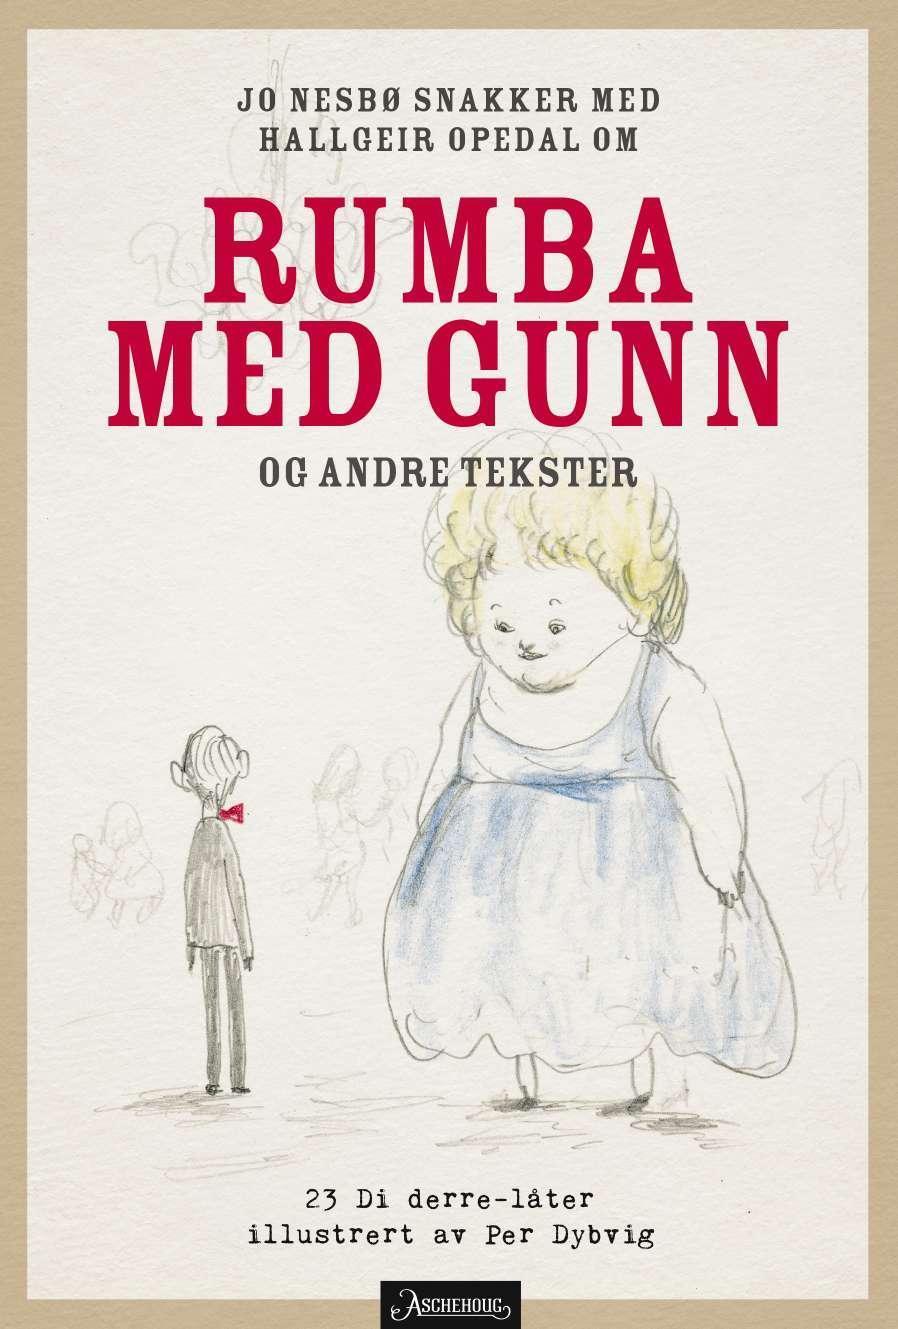 """""""Jo Nesbø snakker med Hallgeir Opedal om Rumba med Gunn og andre tekster"""" av Jo Nesbø"""